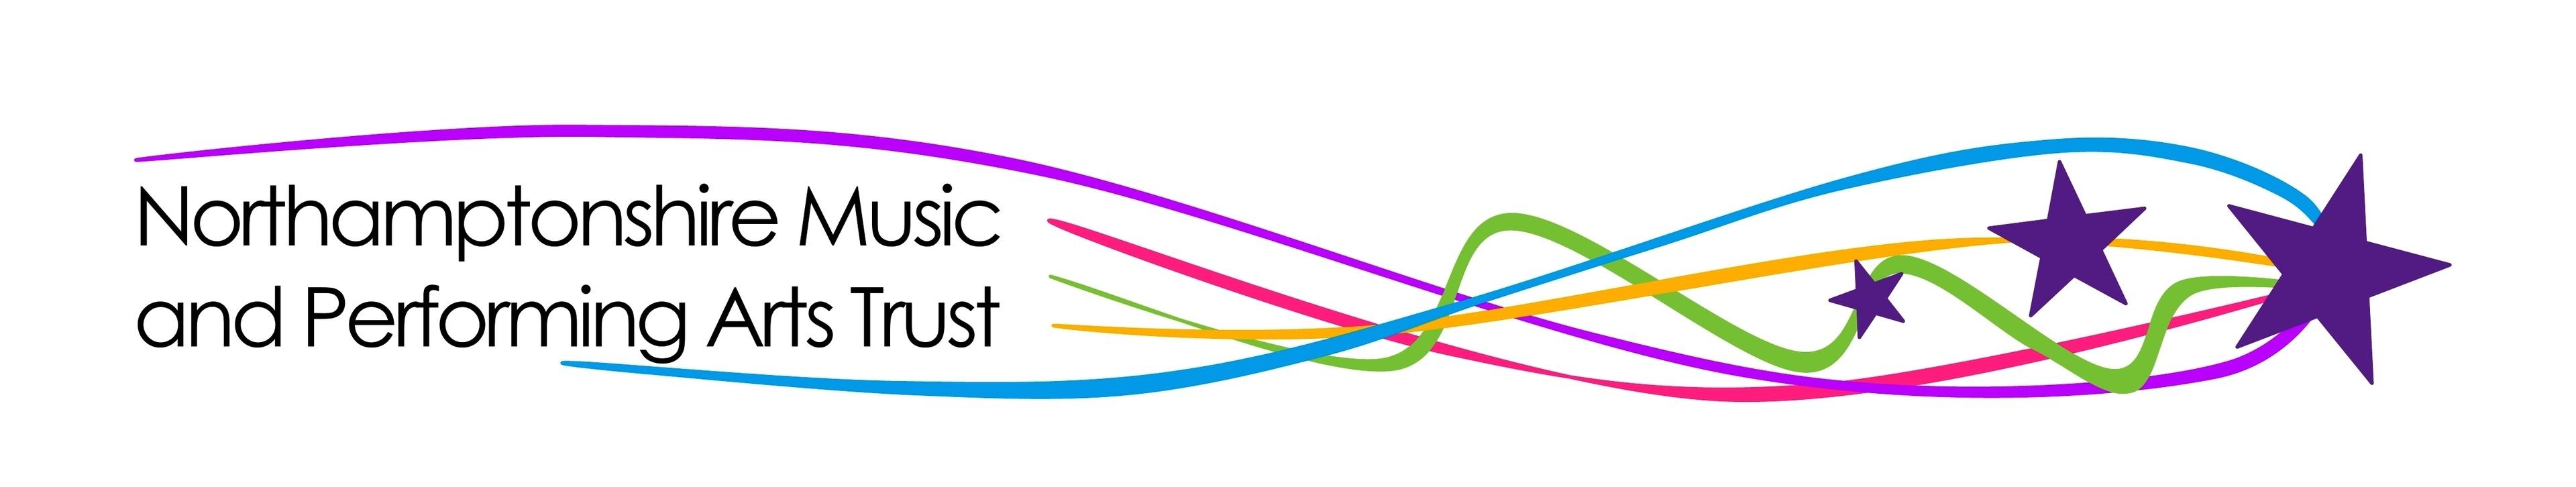 NMPAT logo.jpg